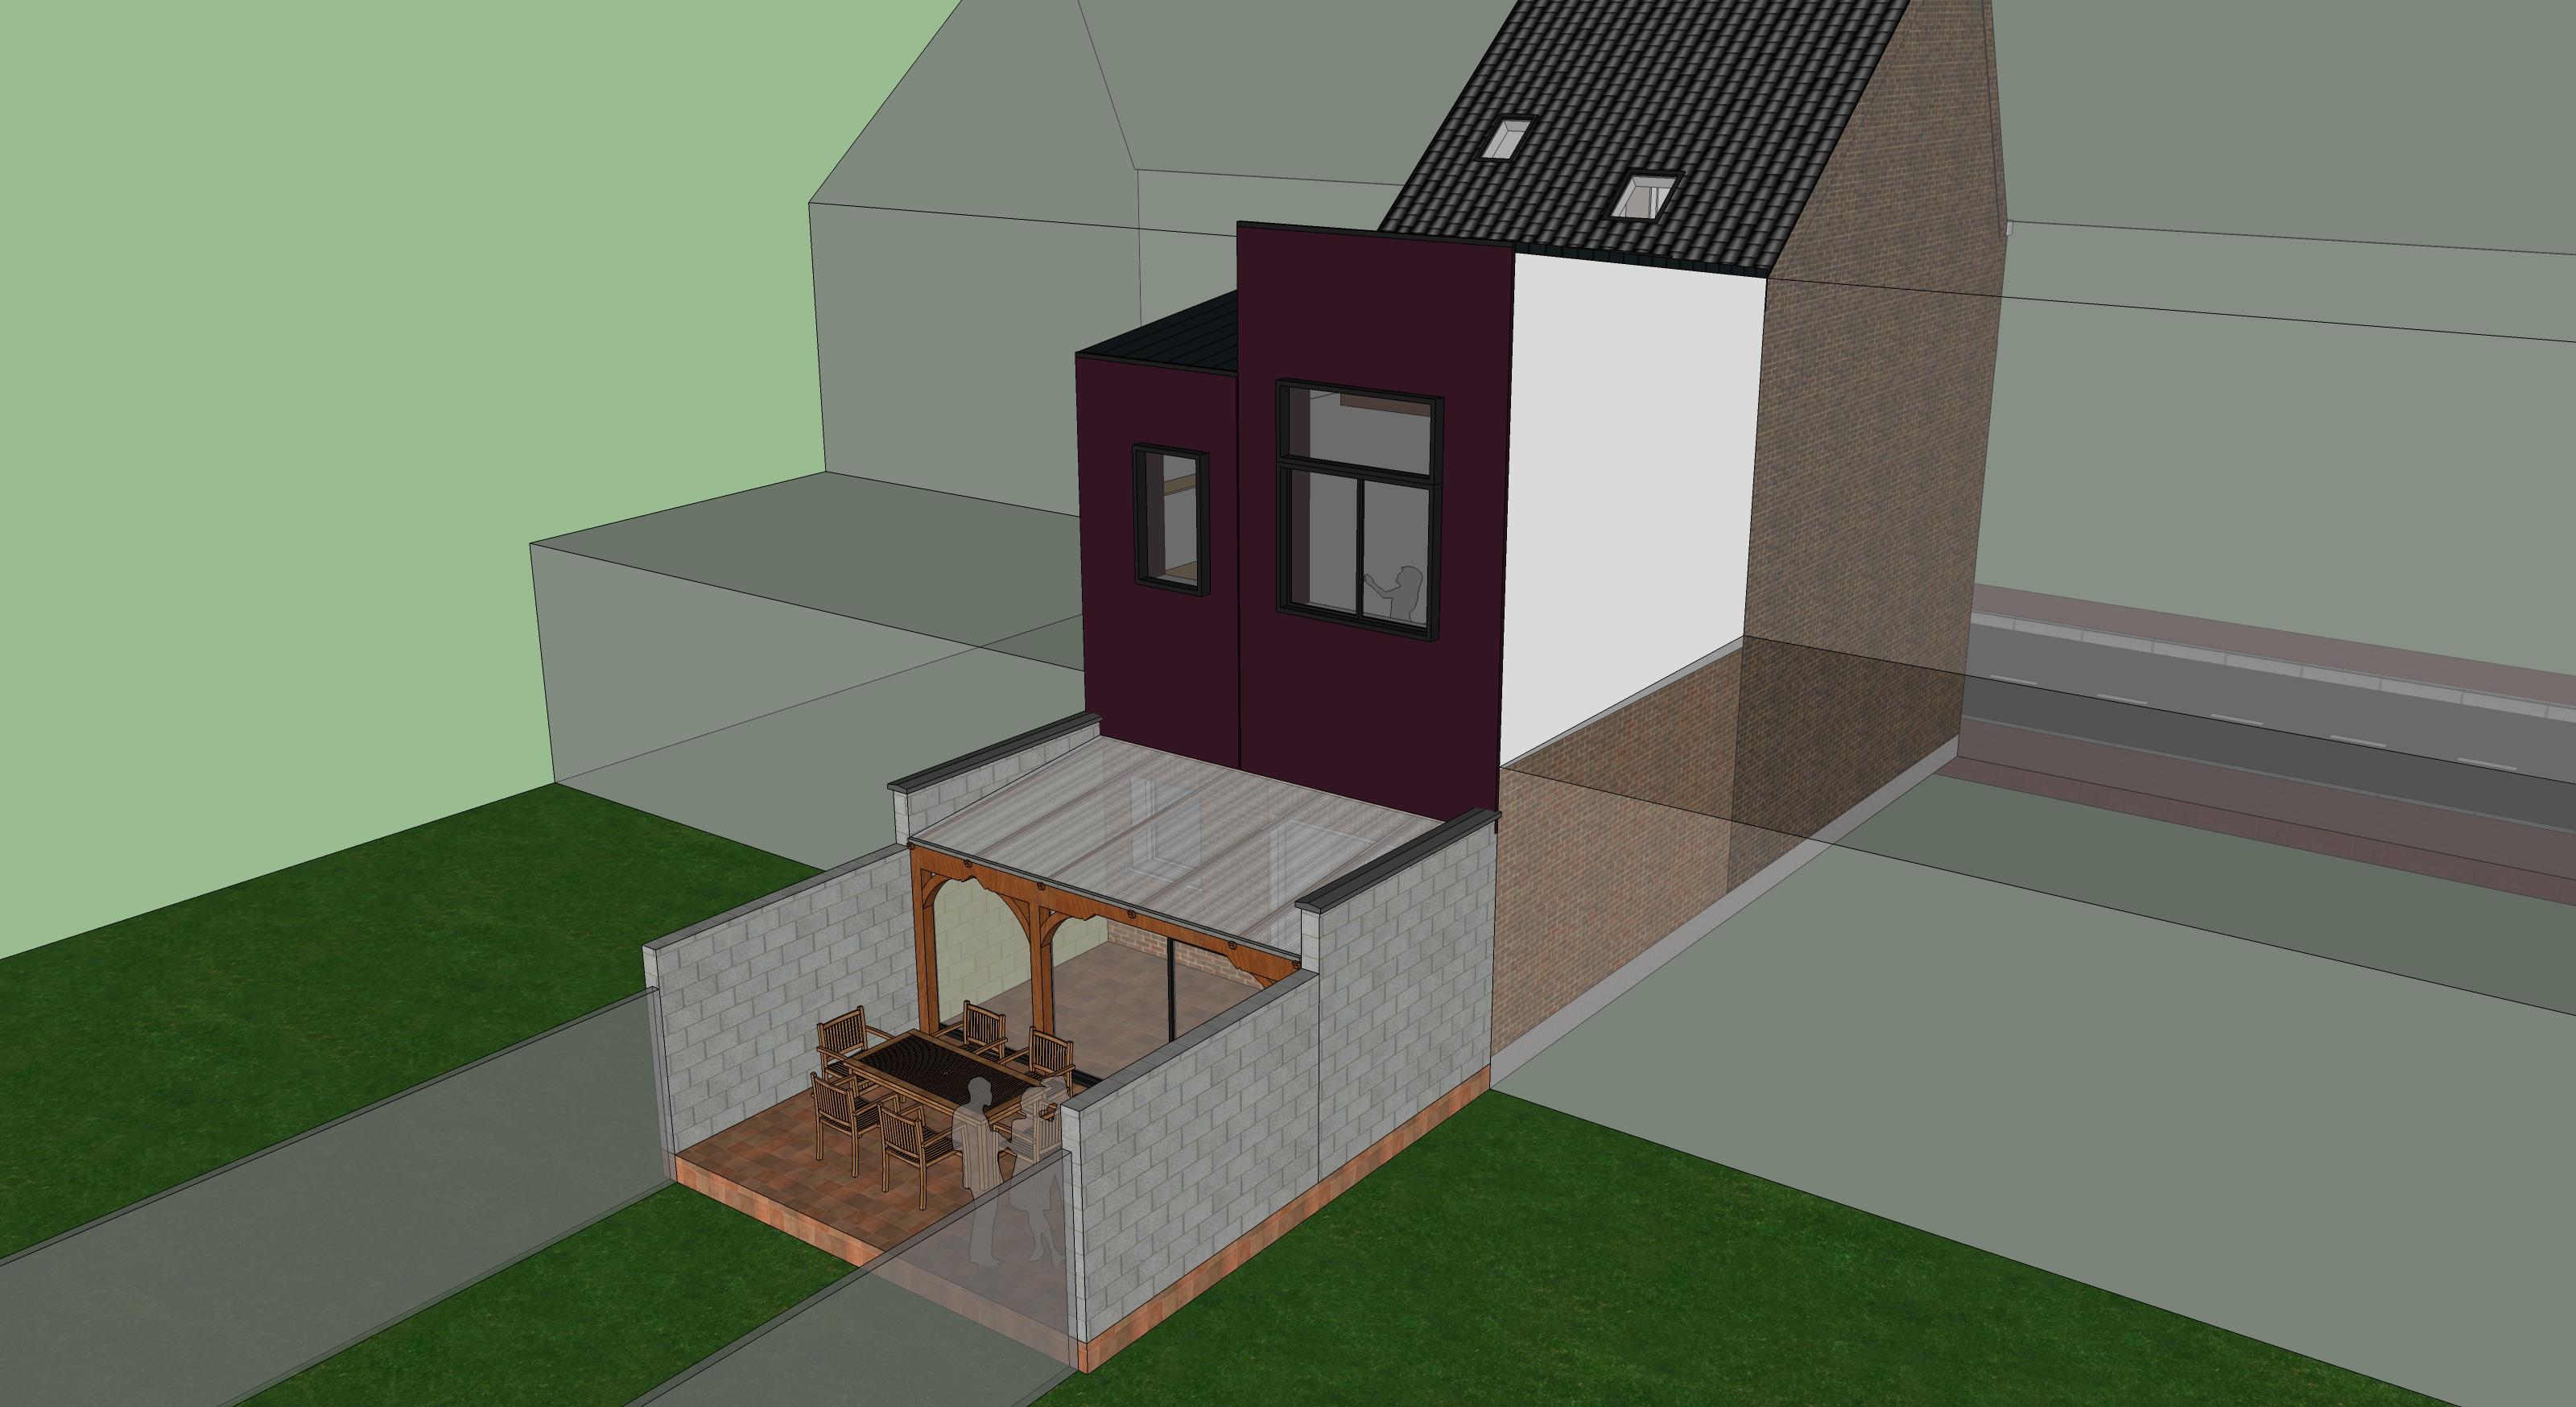 3D-MONFRONT-PROJET-V1-19-02-14-vue2